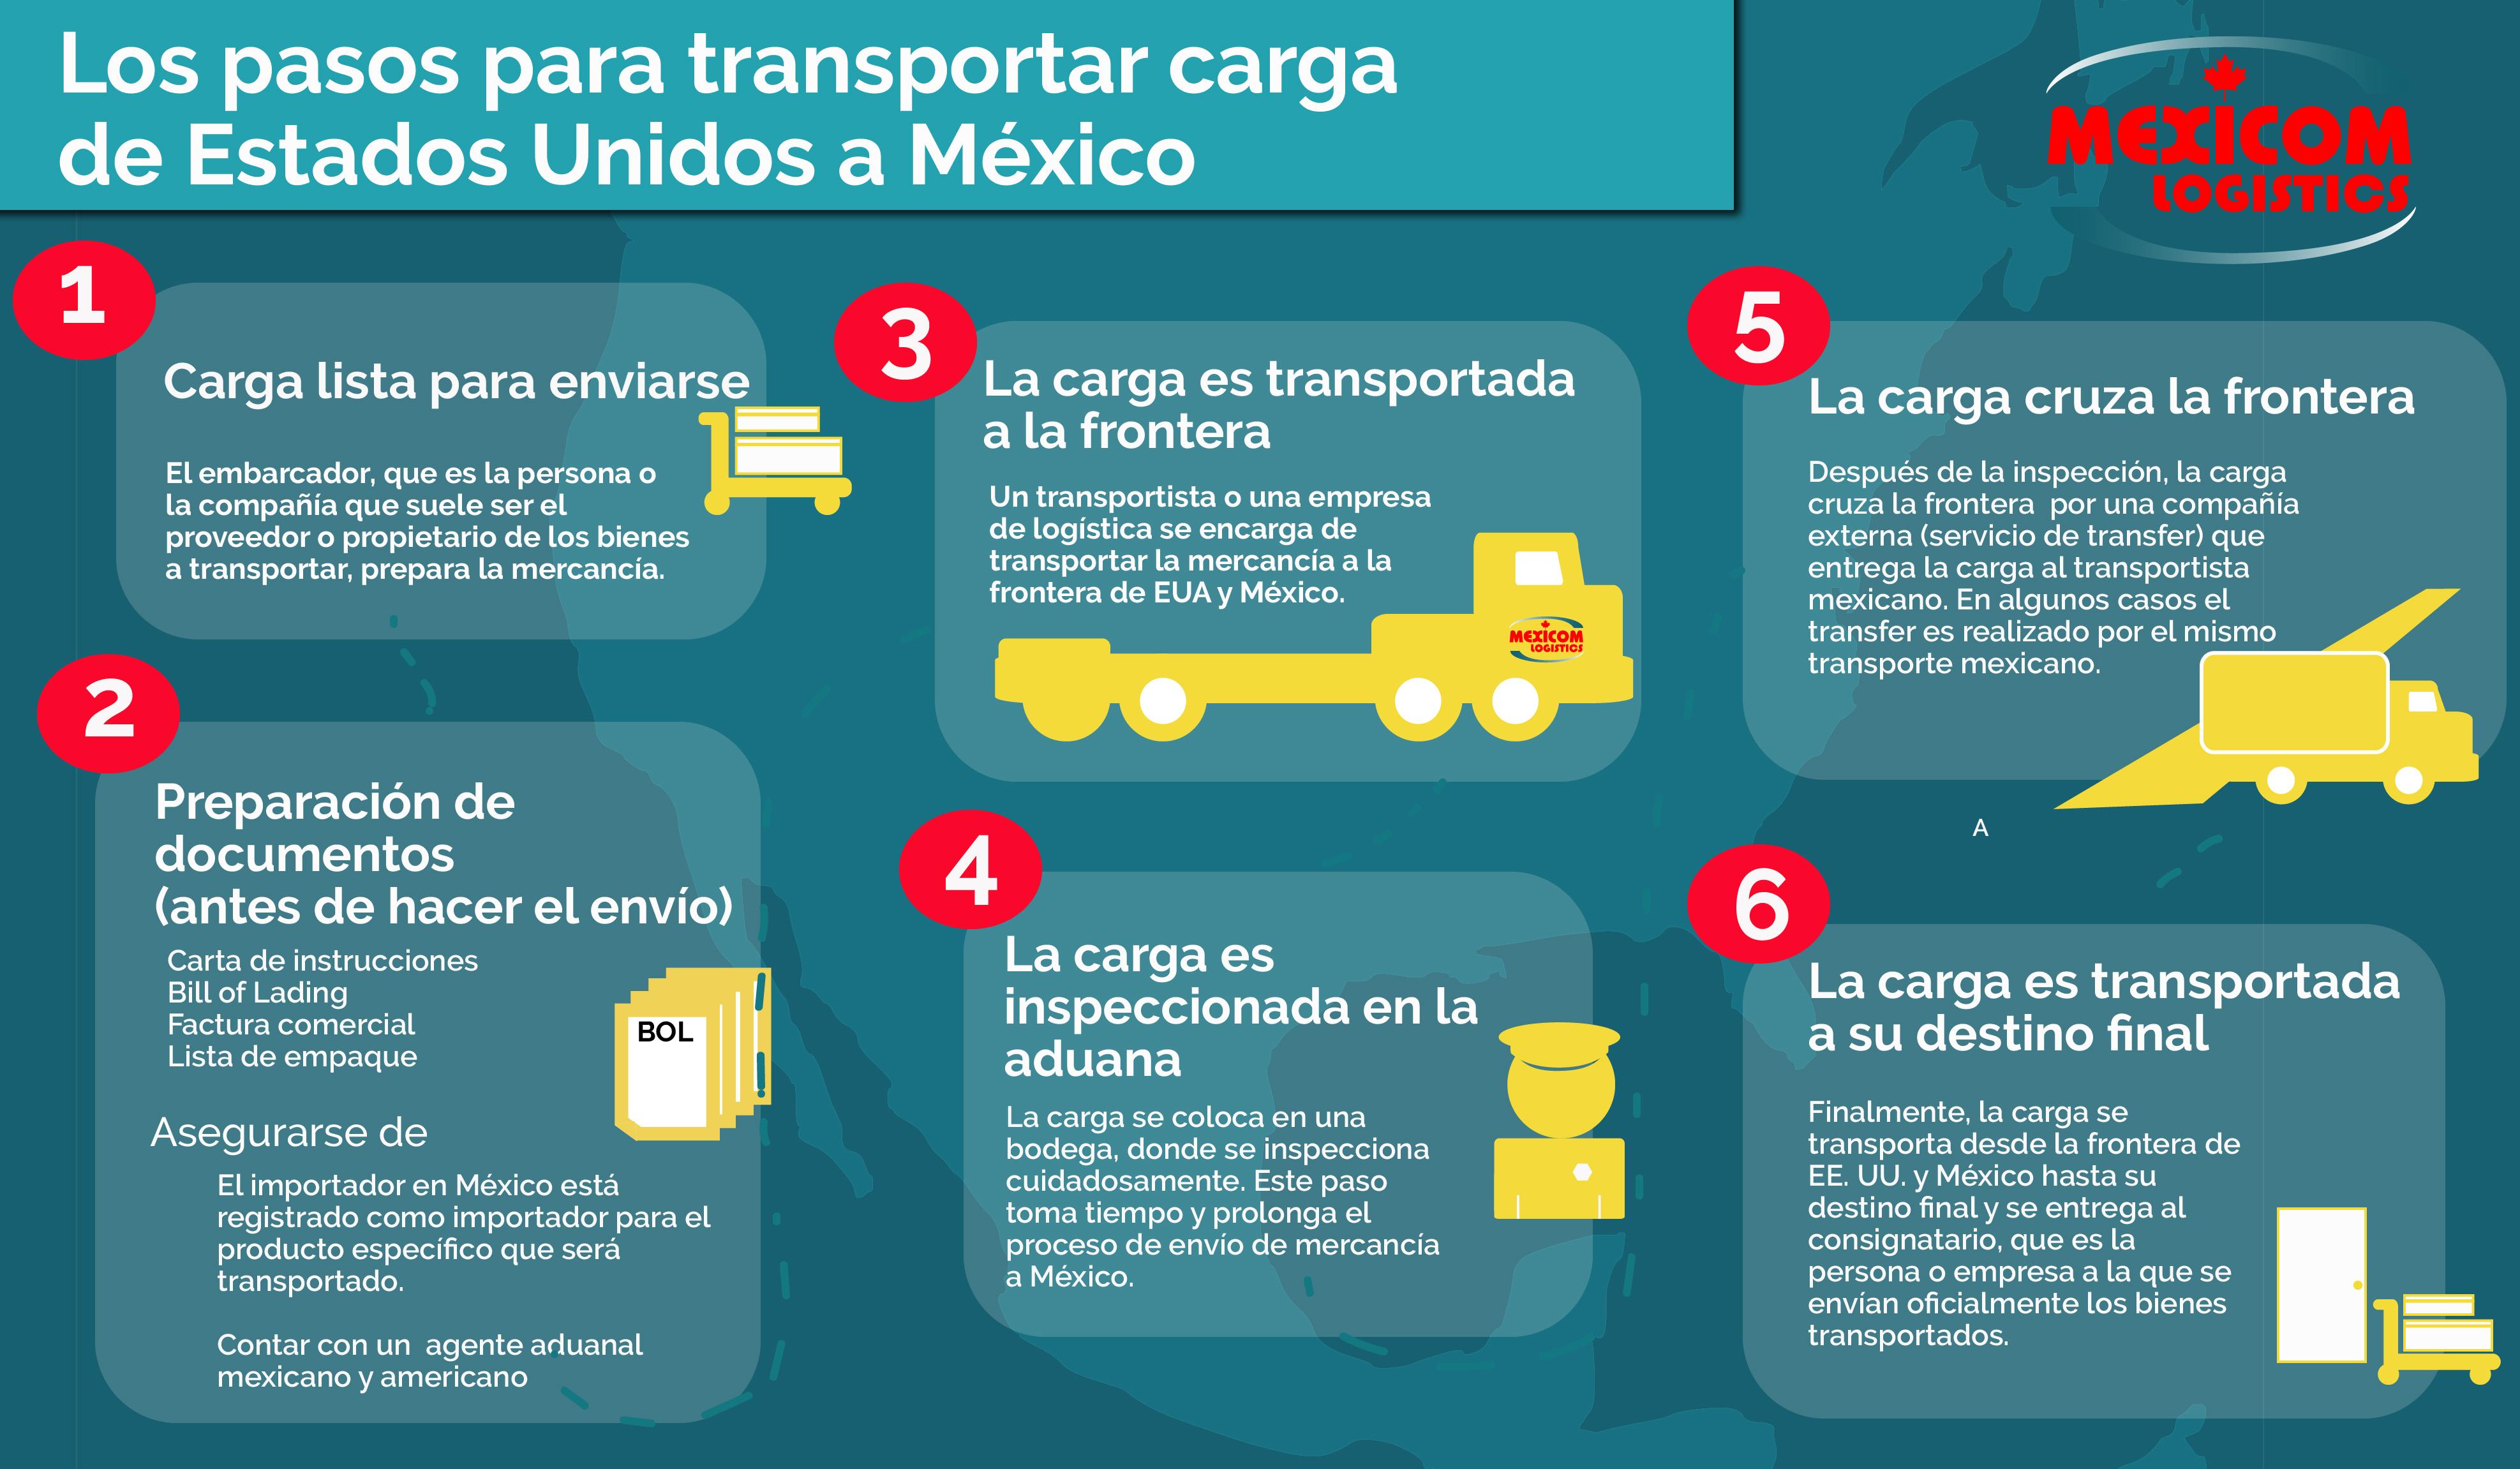 Pasos para transportar carga de Estados Unicos a México